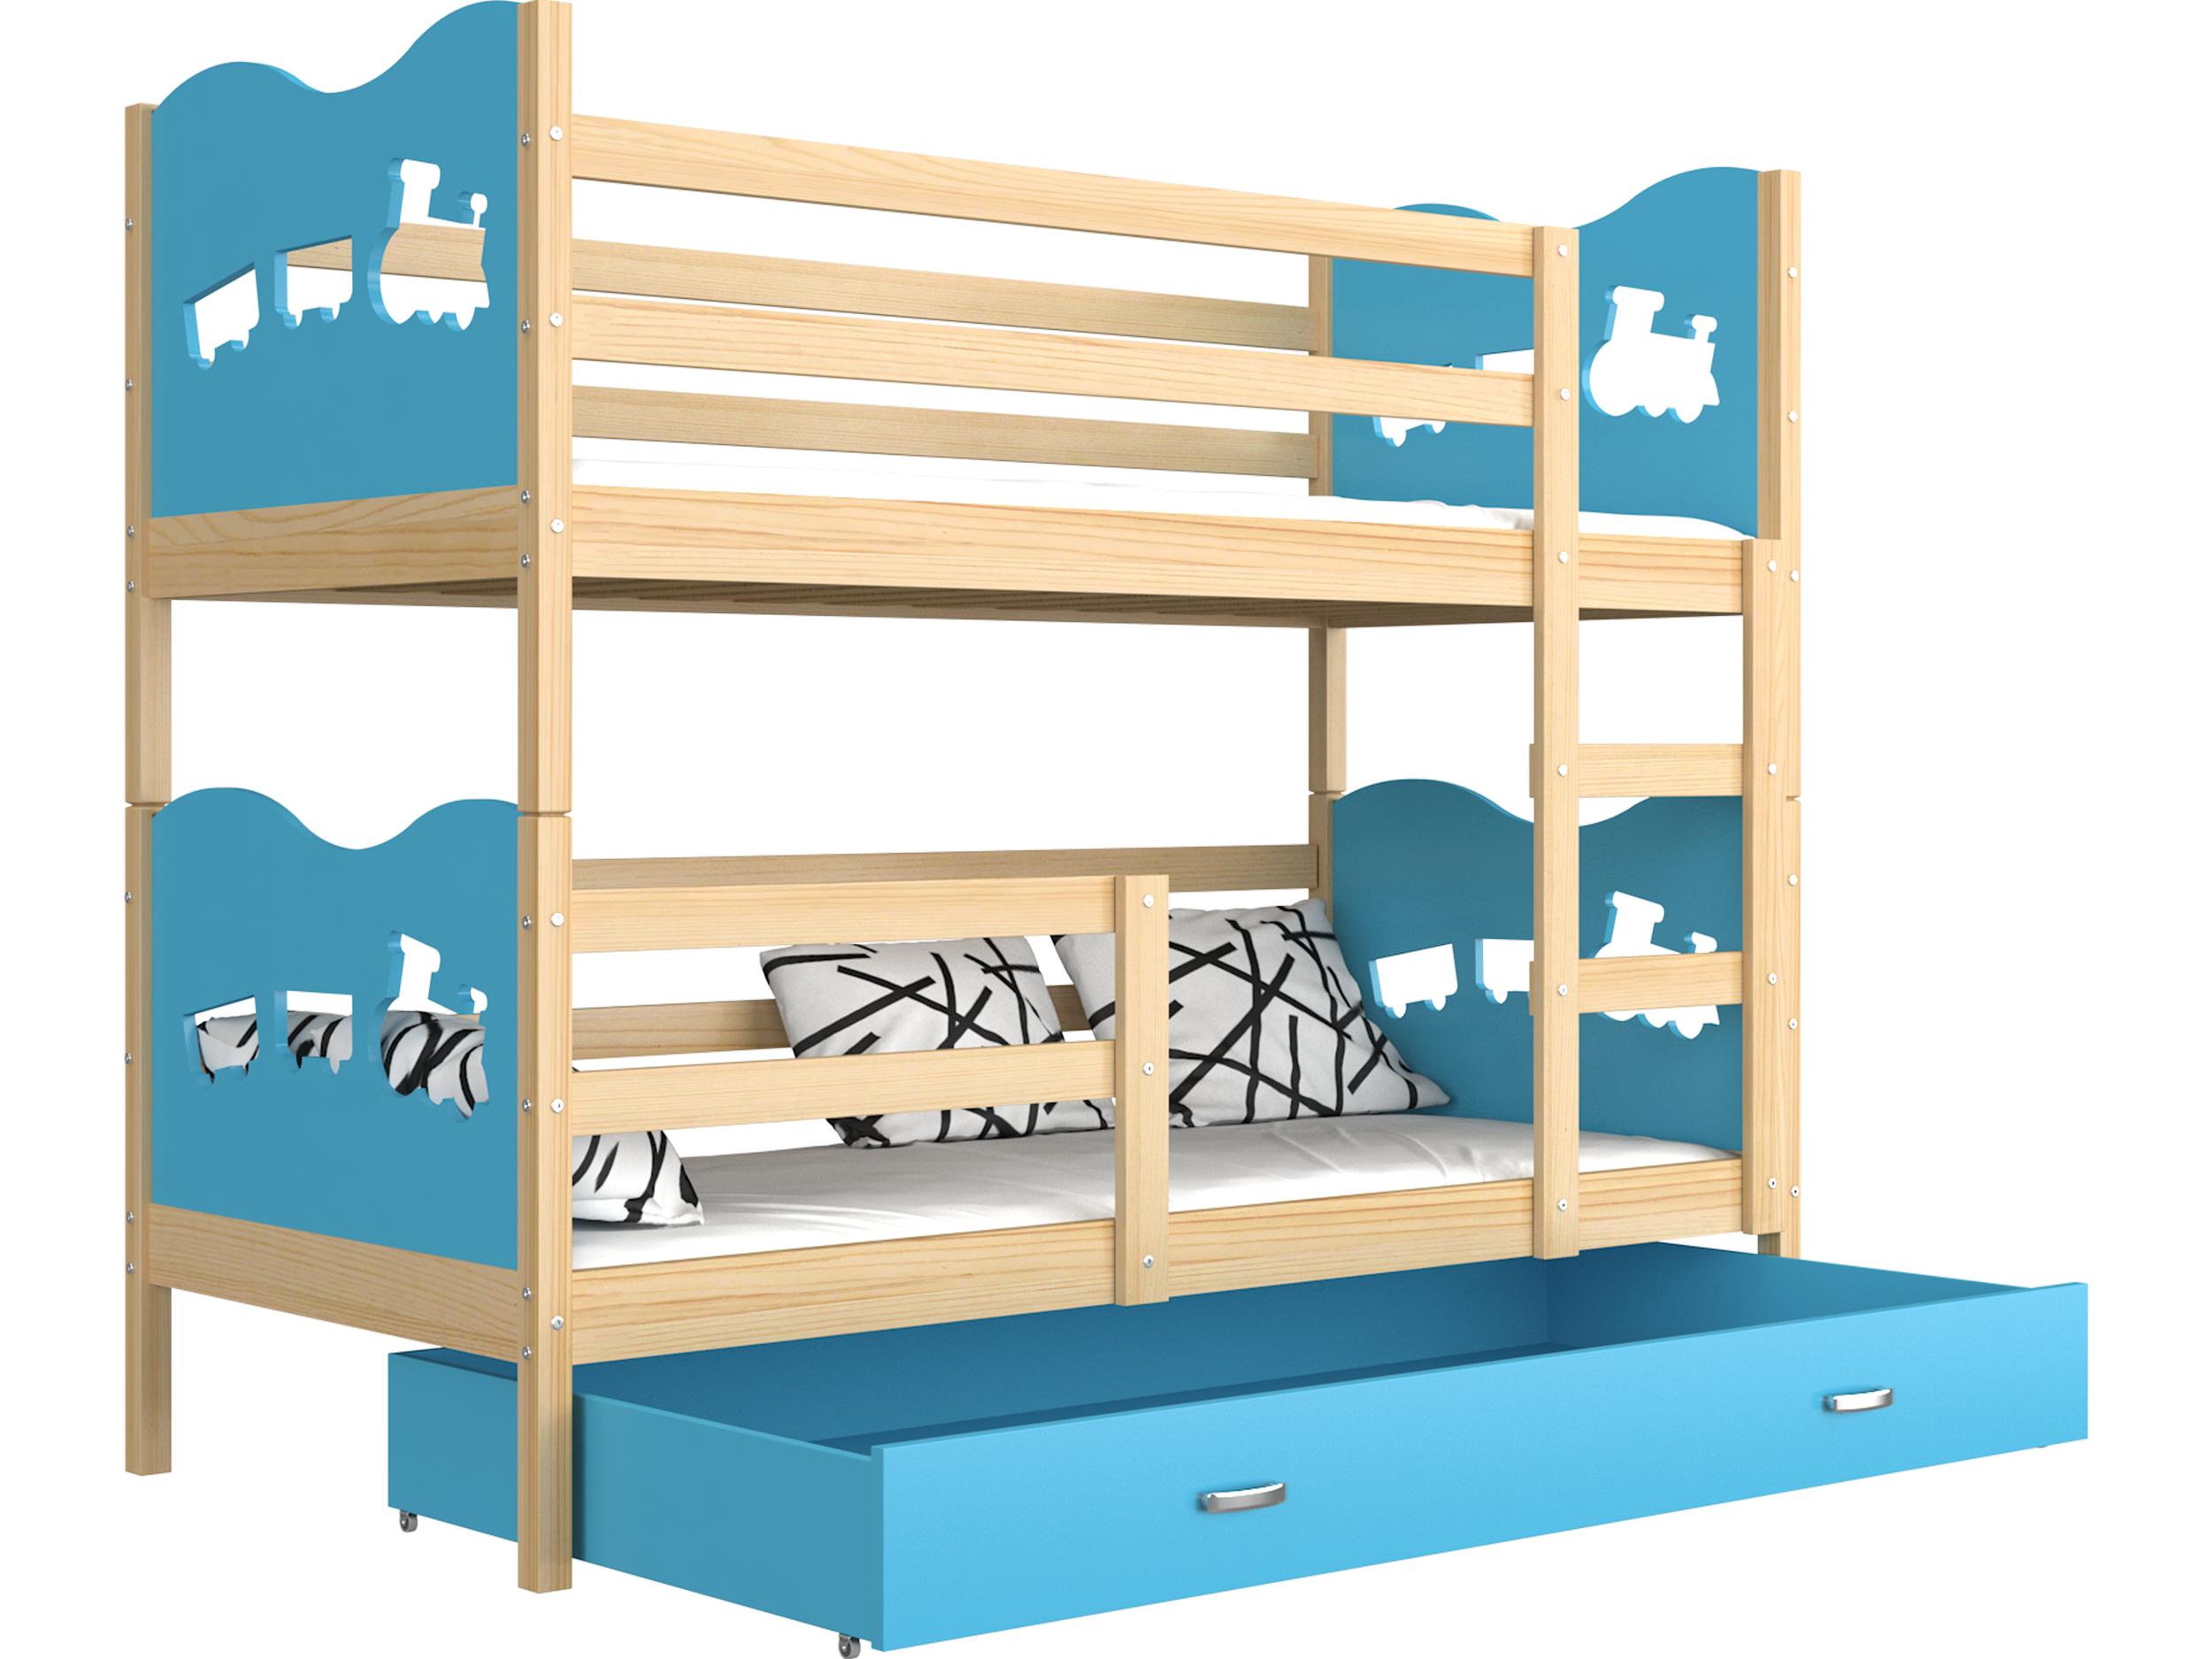 ArtAJ Detská poschodová posteľ Max drevo / MDF 160 x 80 cm Farba: Borovica / modrá 160 x 80 cm, s matracom